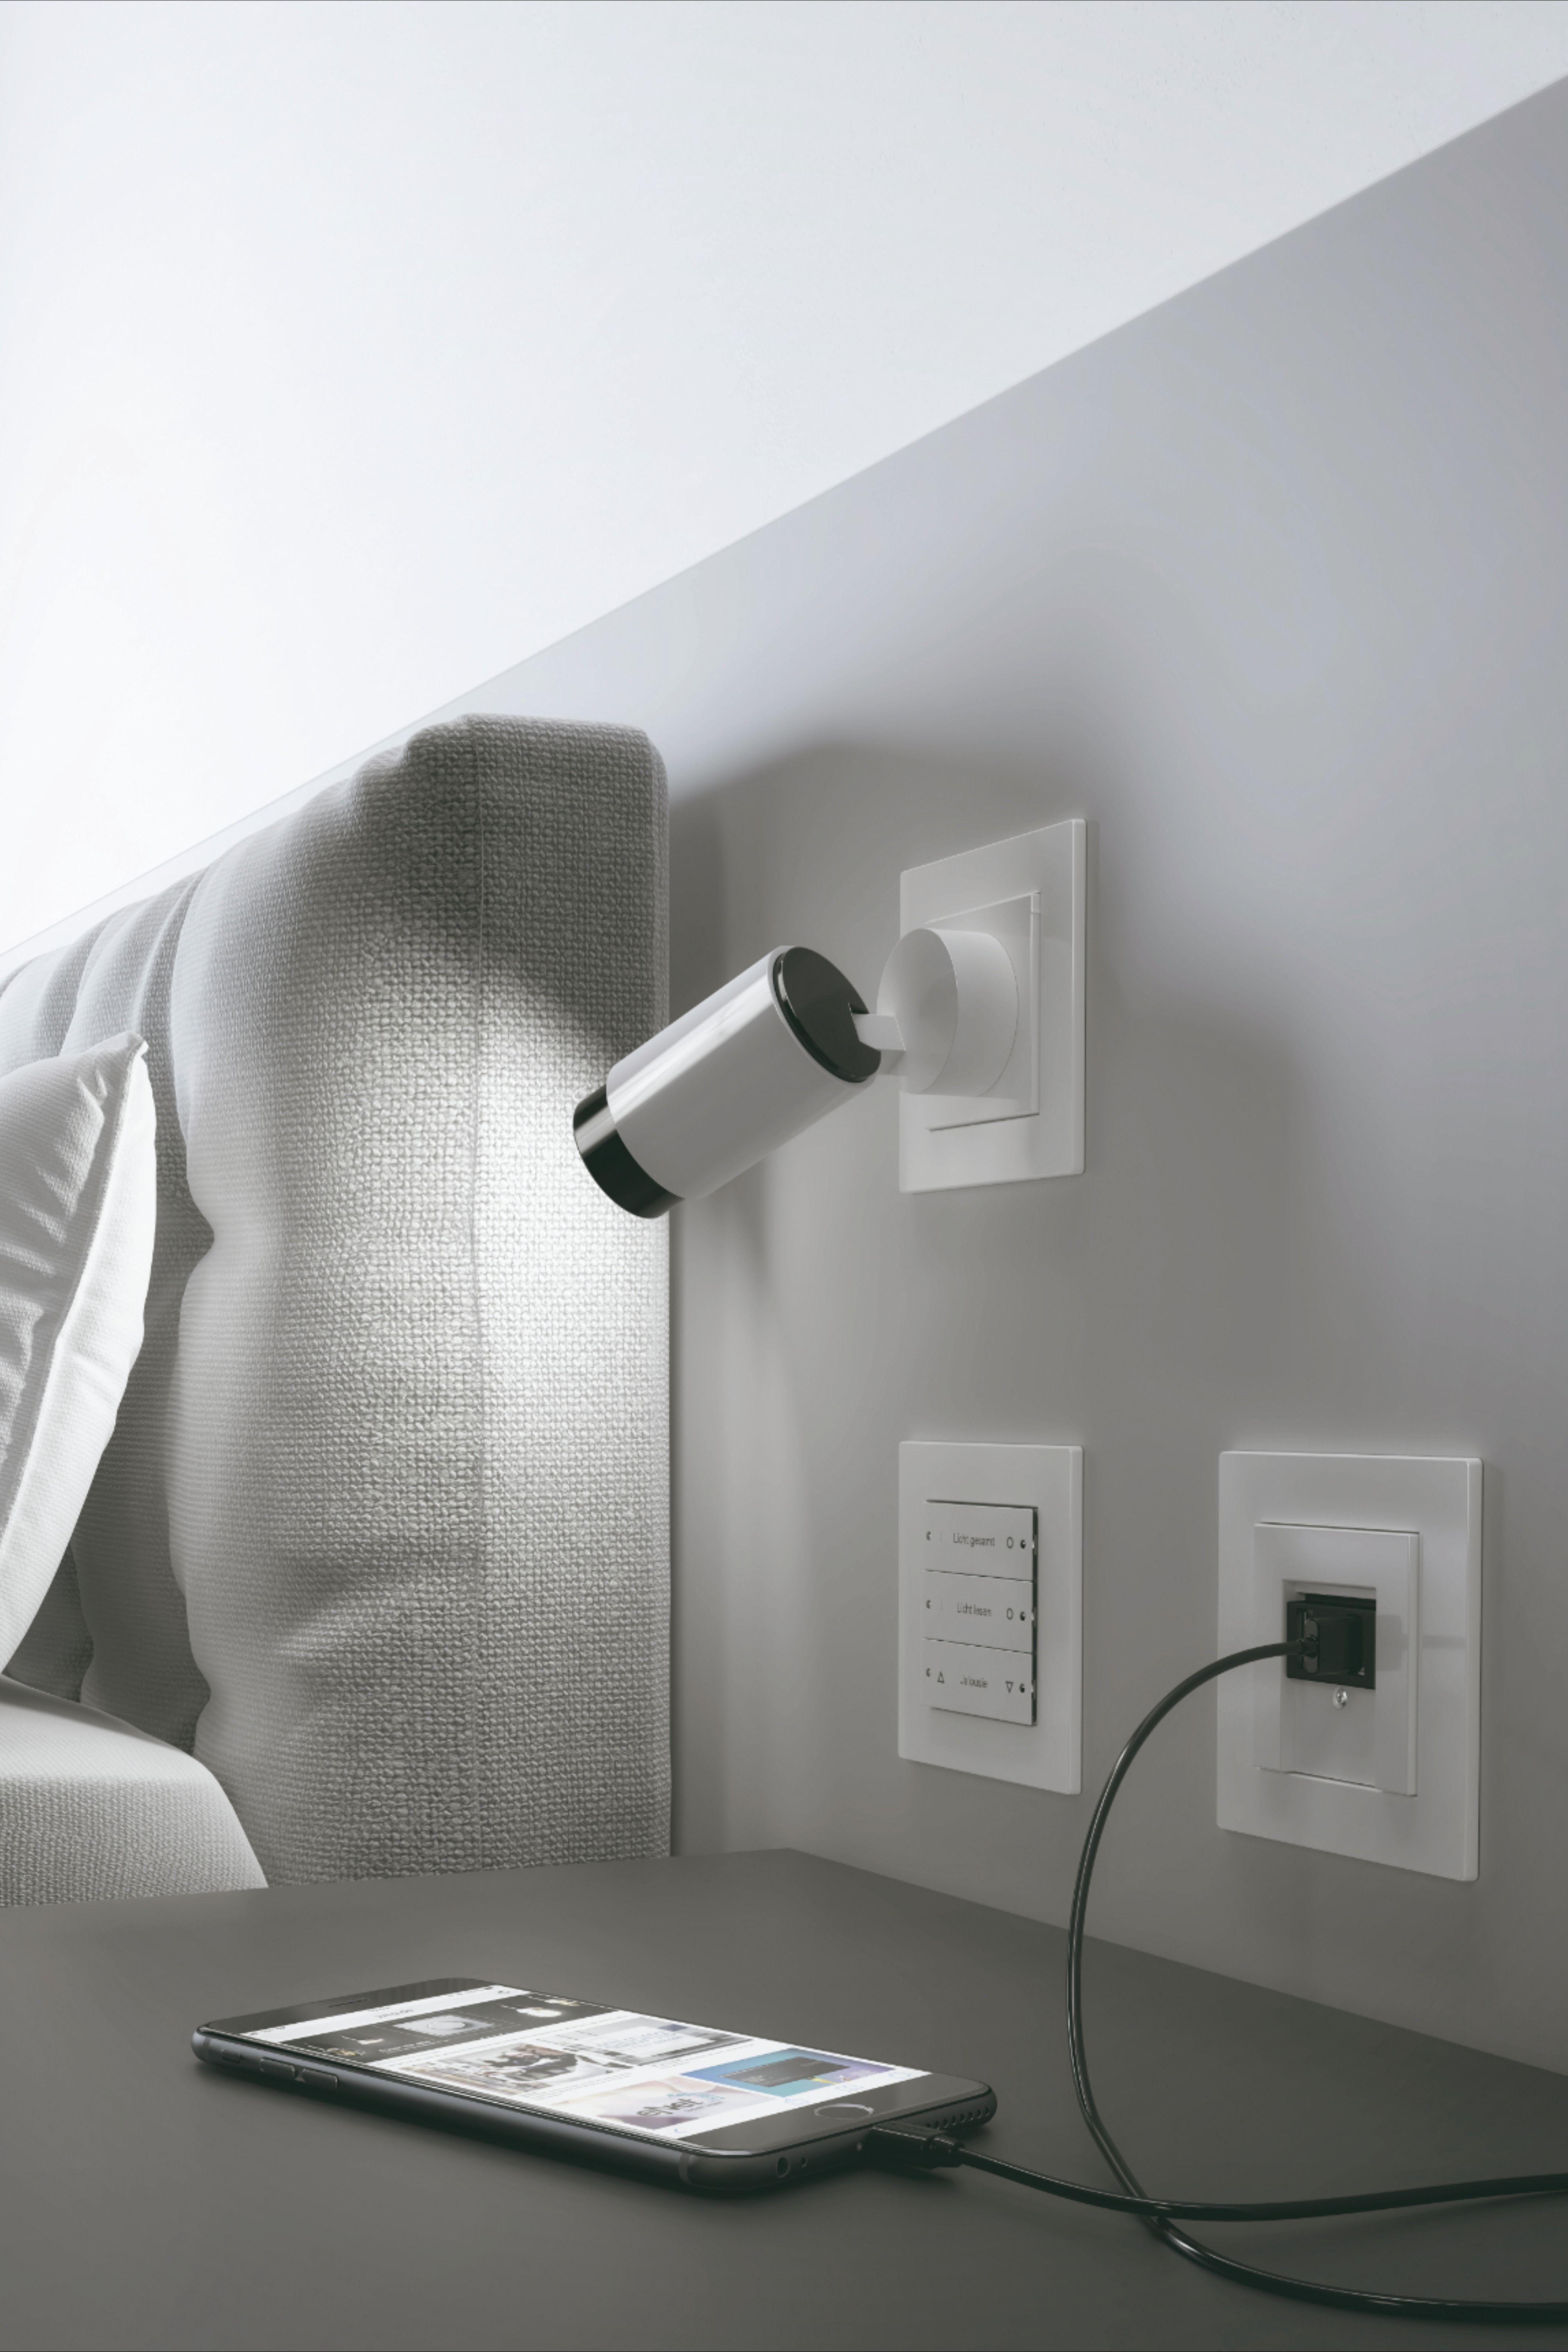 Lichtsteckdose In 2020 Licht Lichter Elektroinstallation Haus